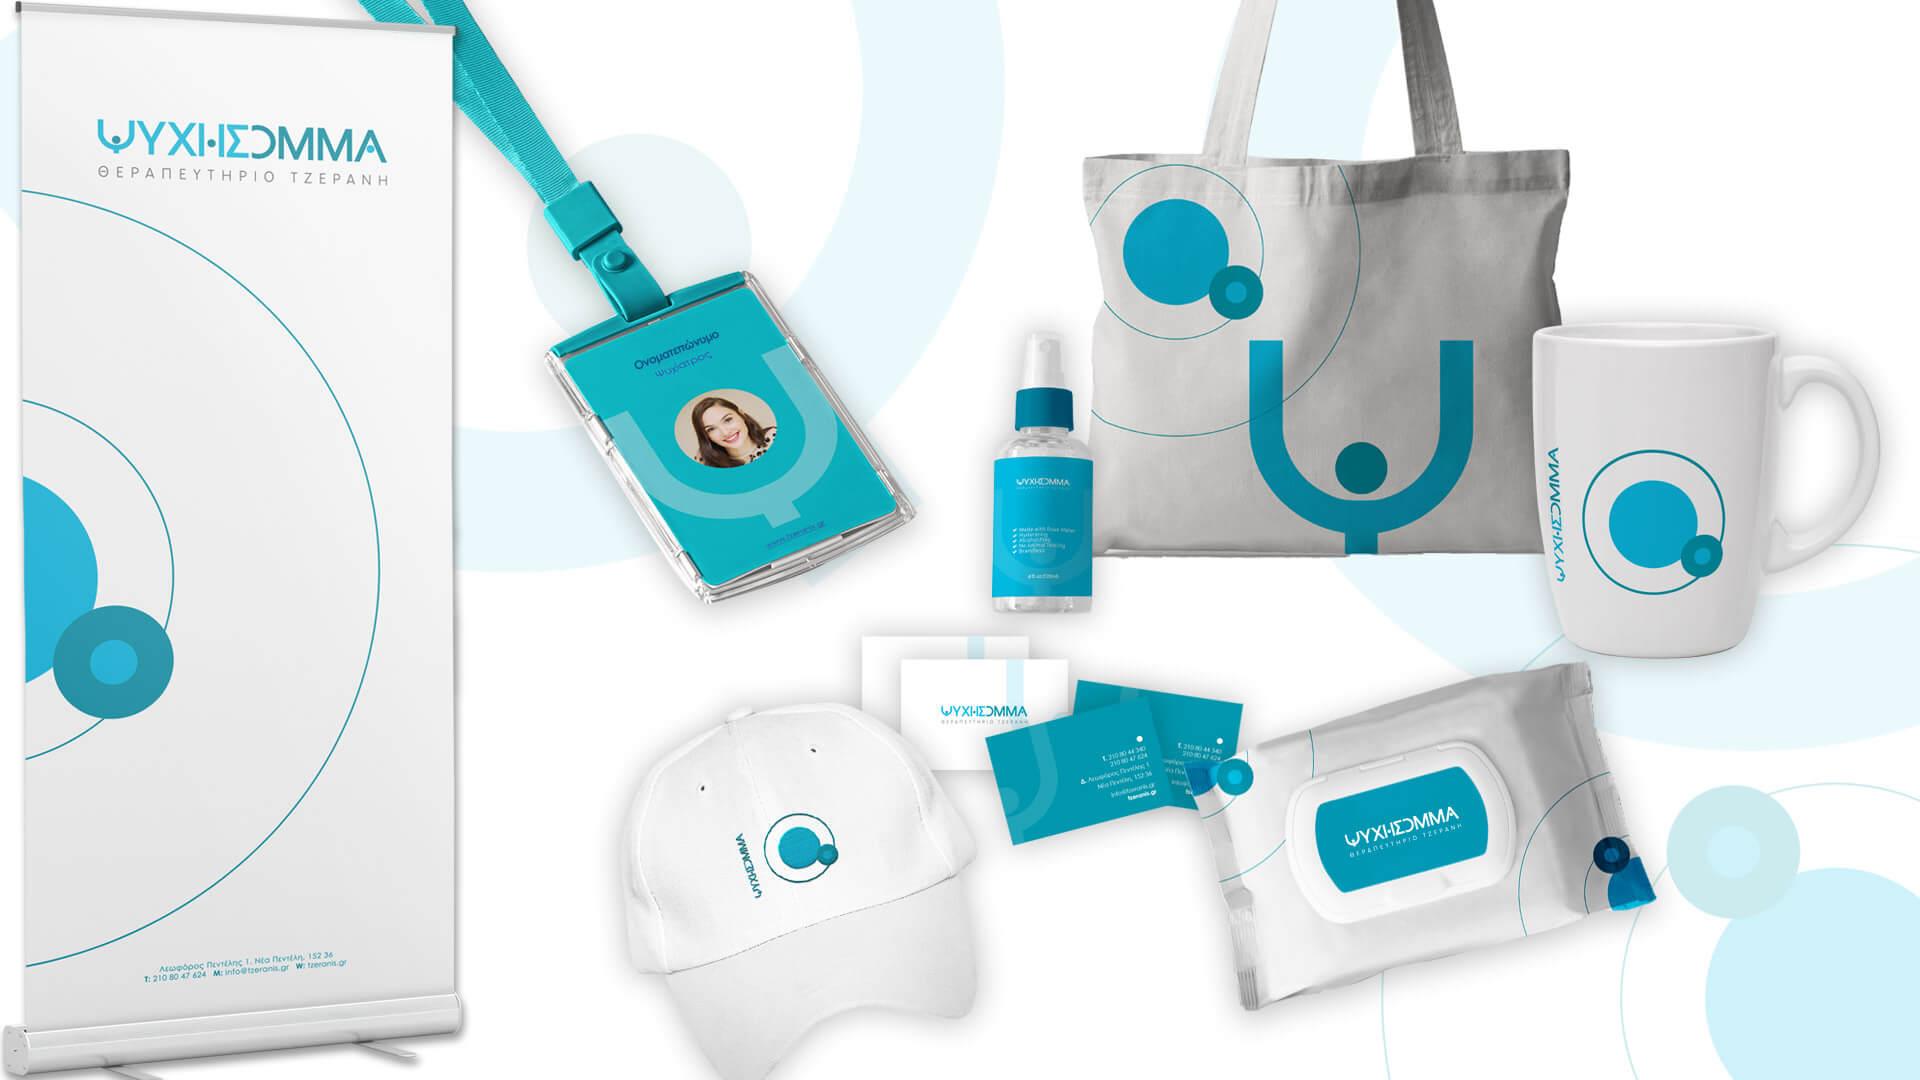 Tzeranis Products